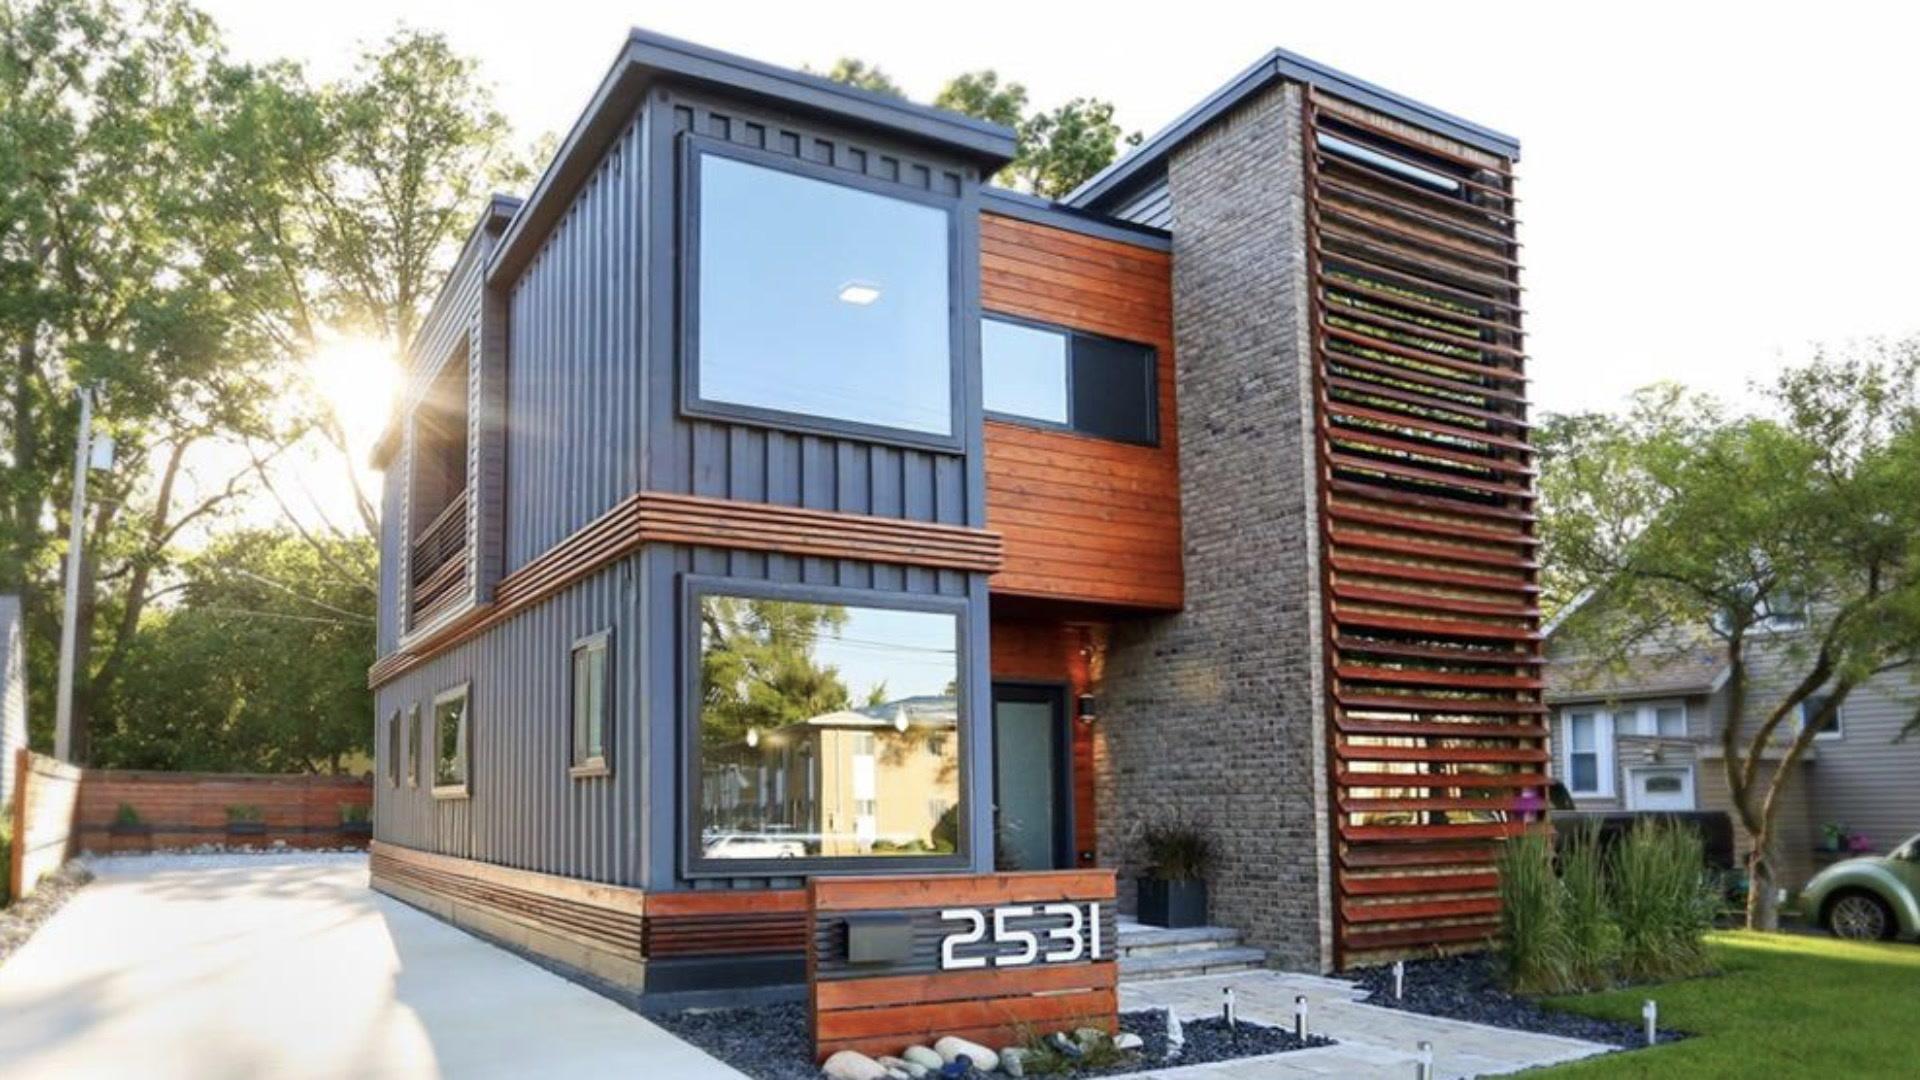 Inspirasi Rumah Kontainer Yang Bisa Ditiru Ada Plus Dan Minusnya Juga